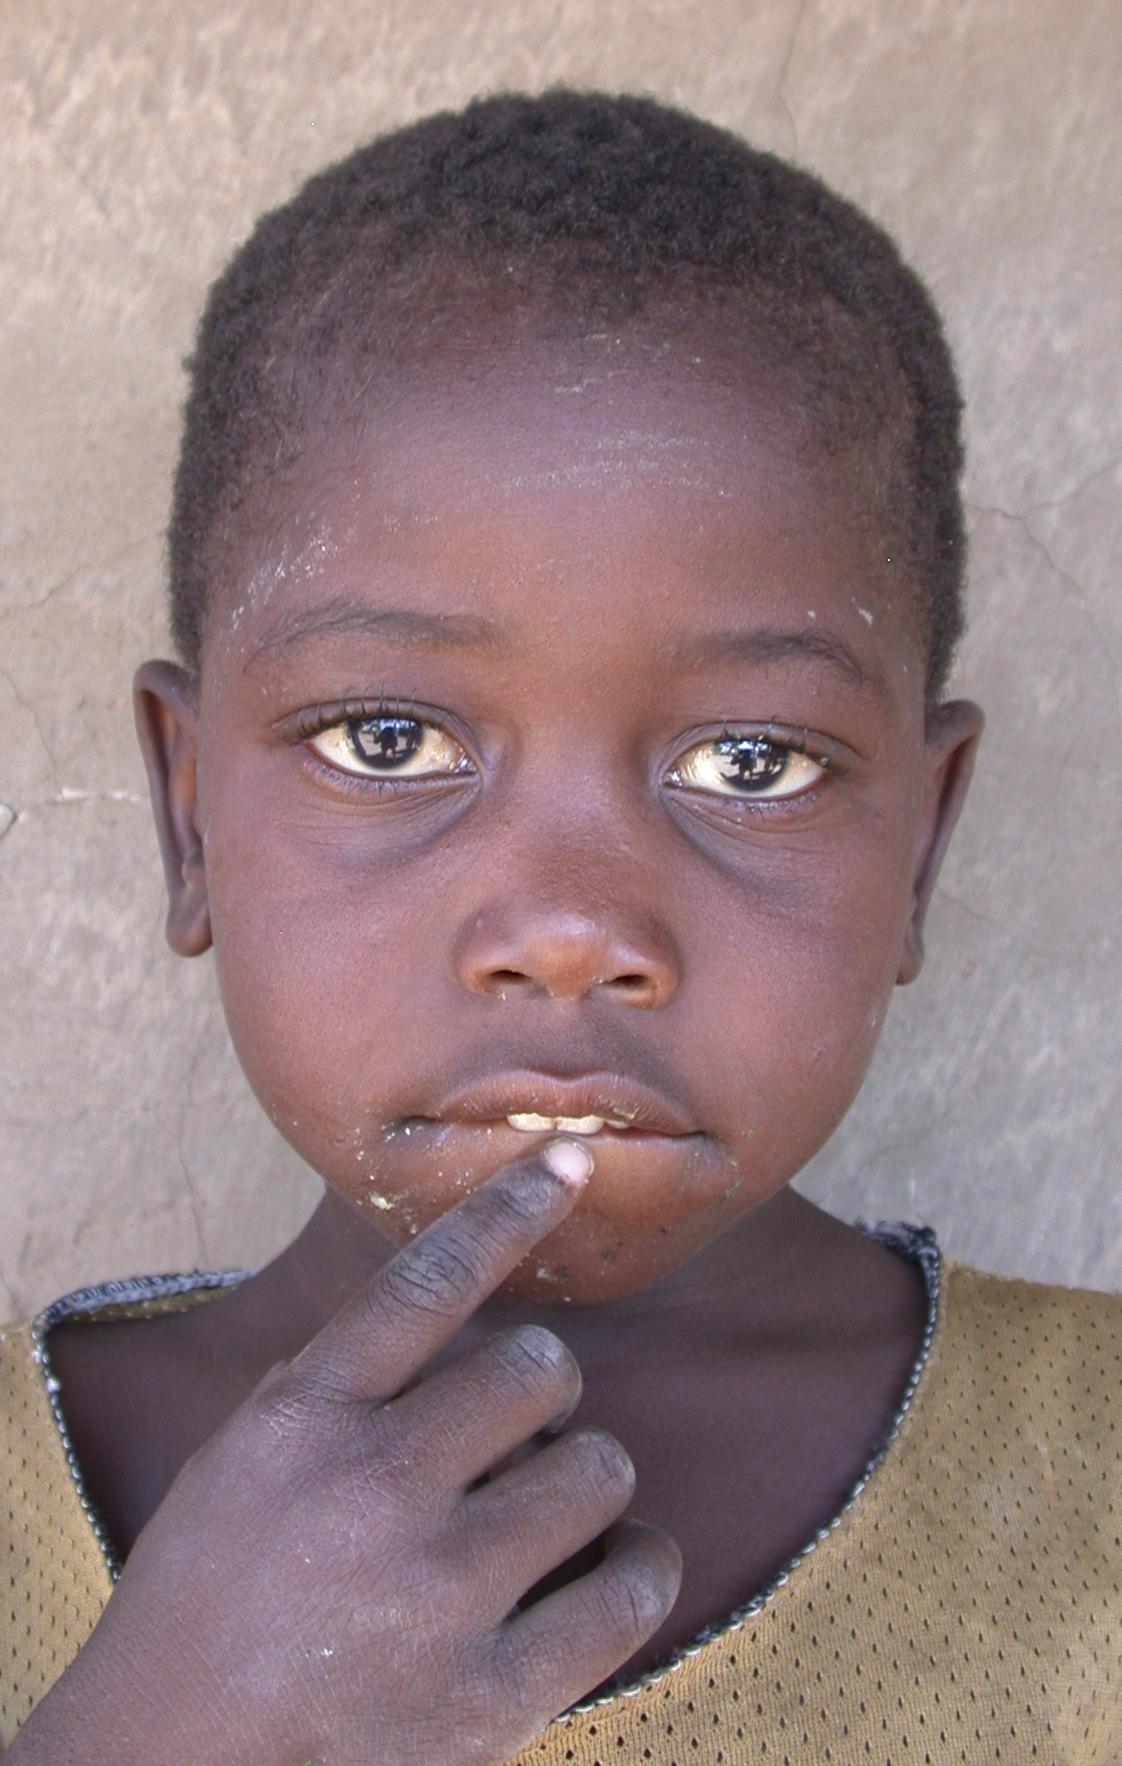 Zambia, 2005